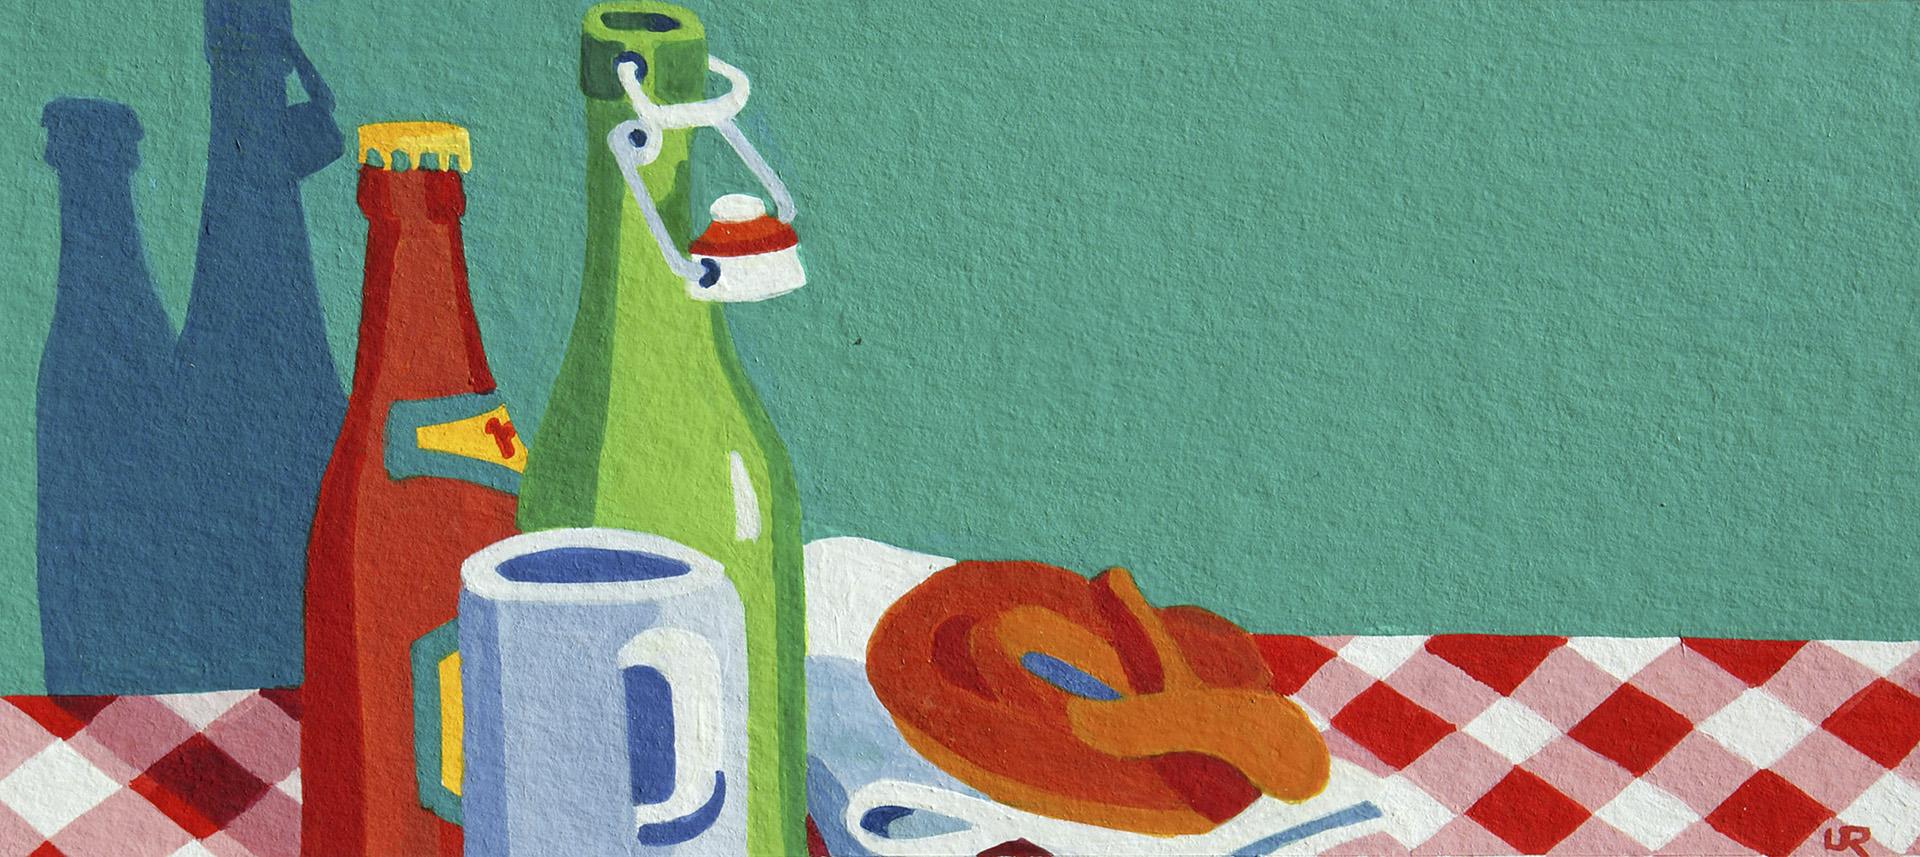 Bierflaschen, Trinkbecher und Brezel auf rot-weissem Tischtuch